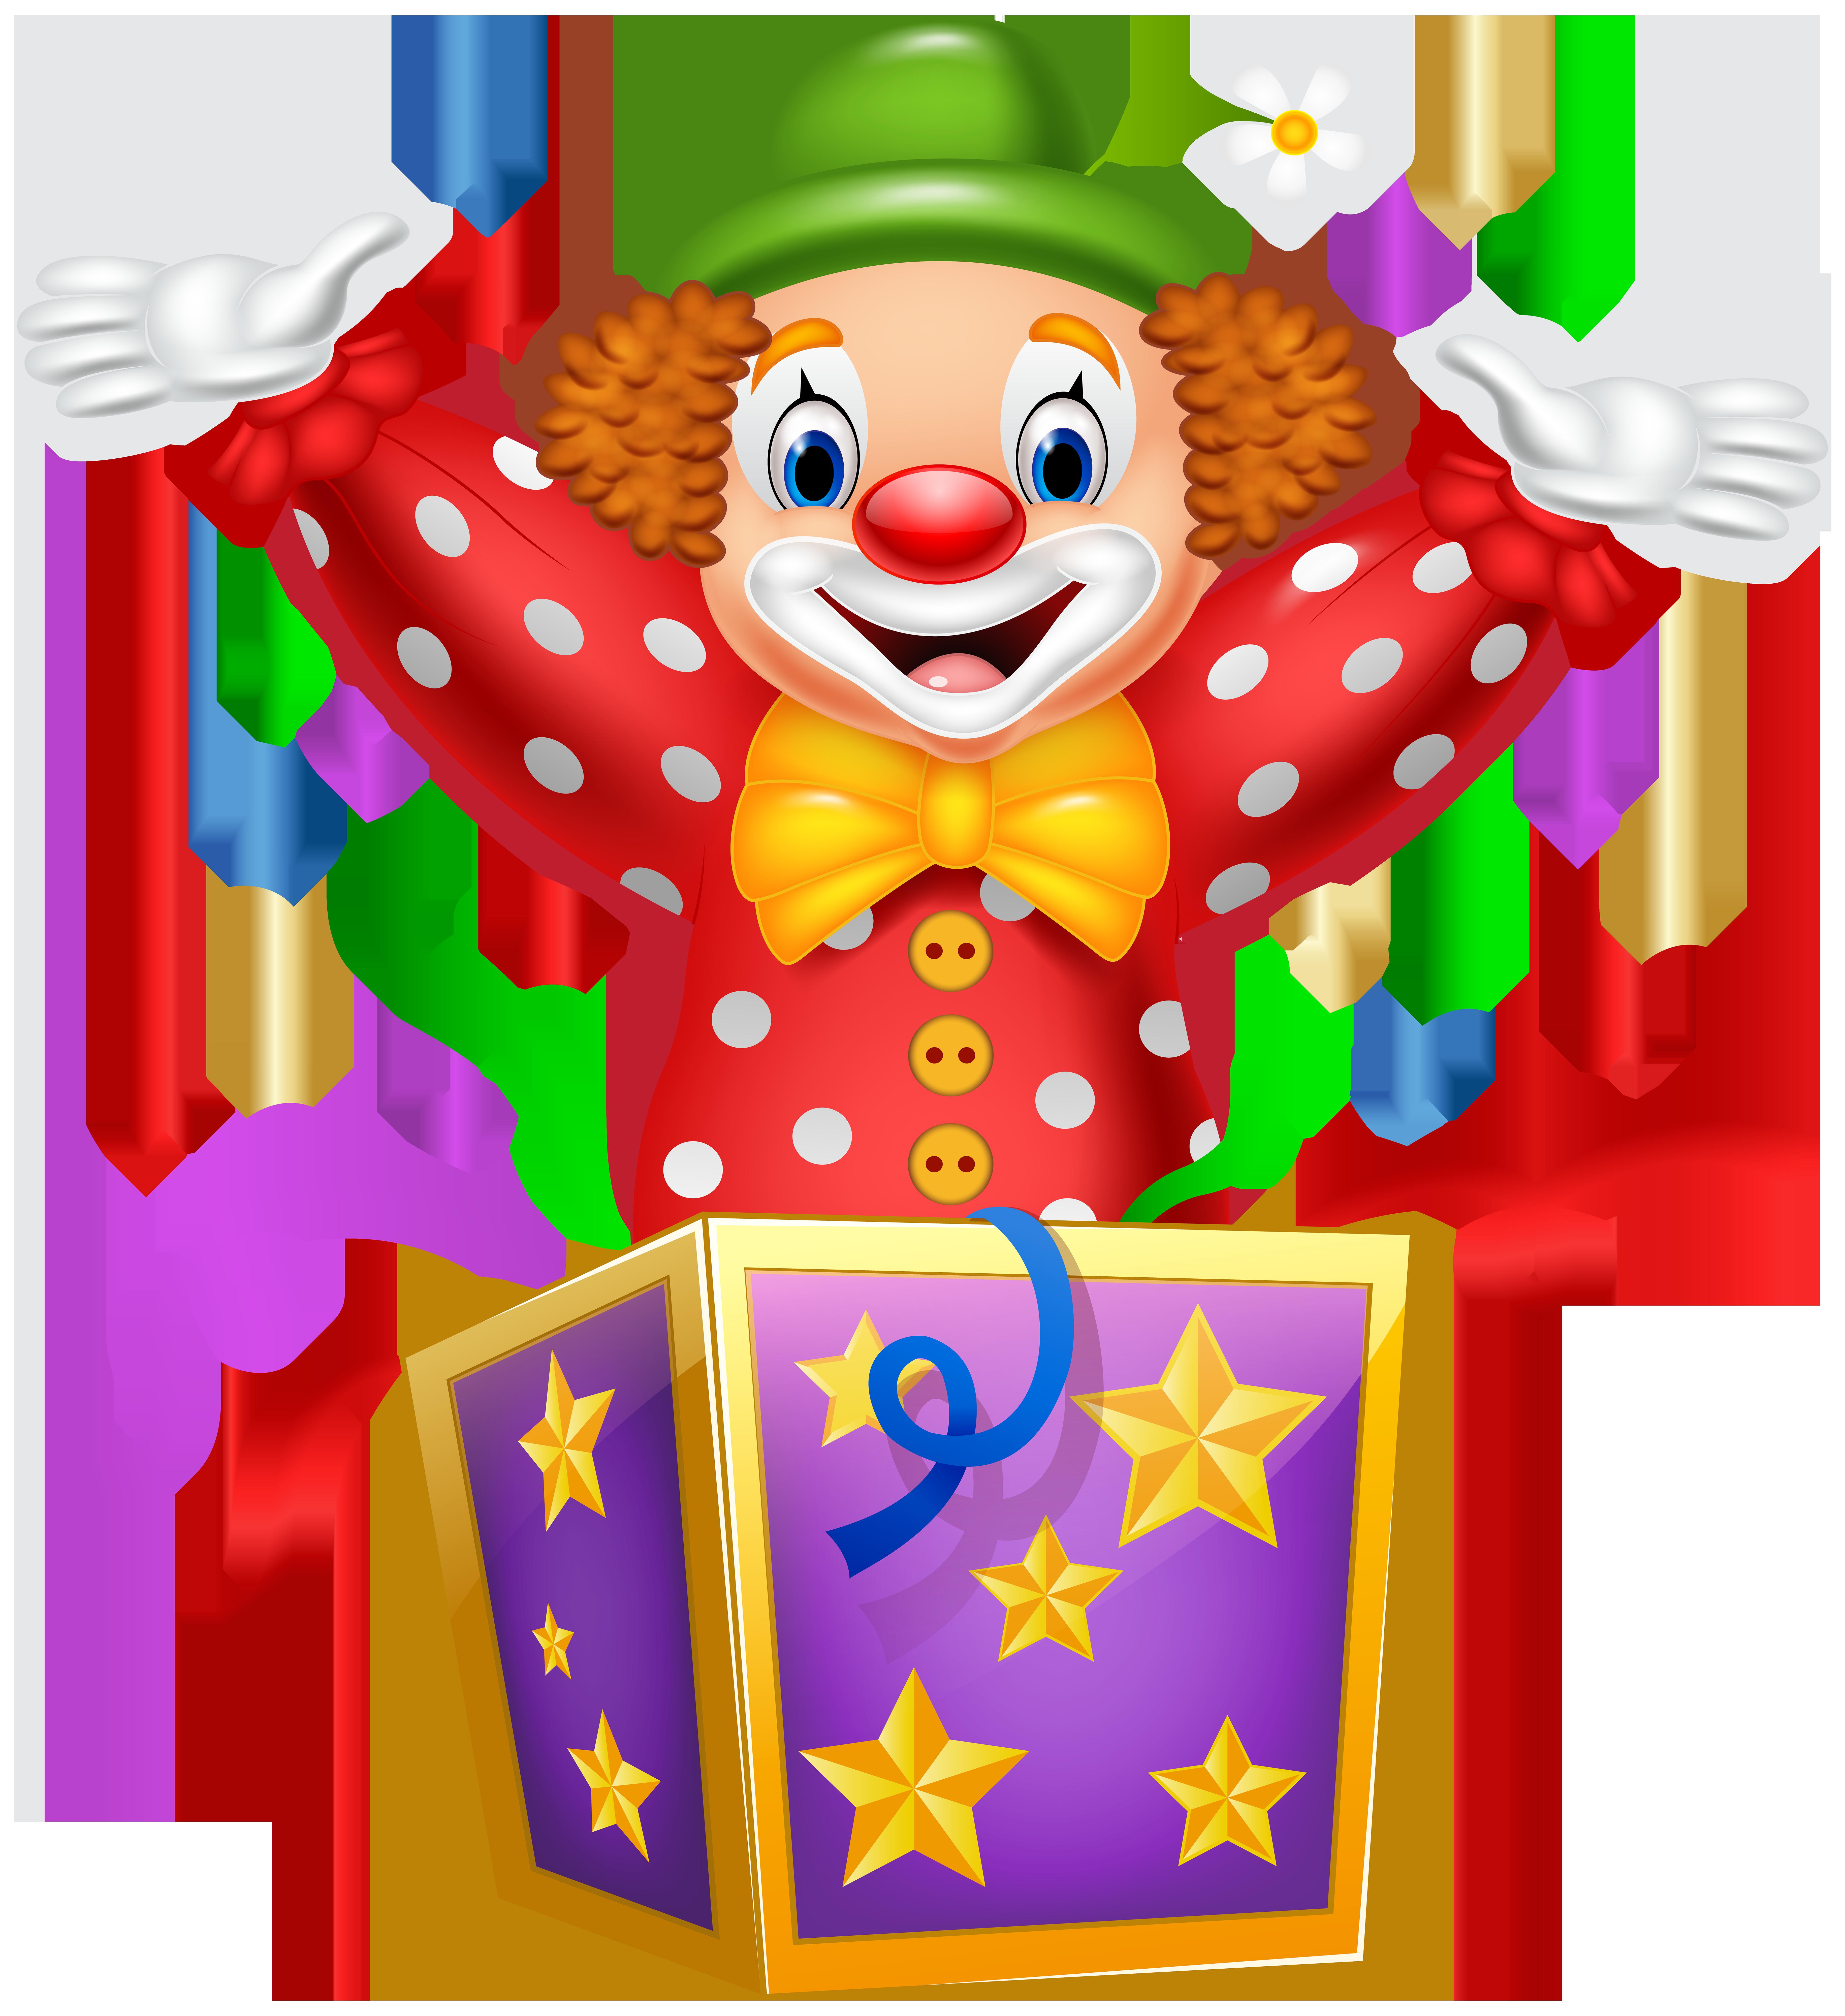 Party Clown Transparent PNG Image.